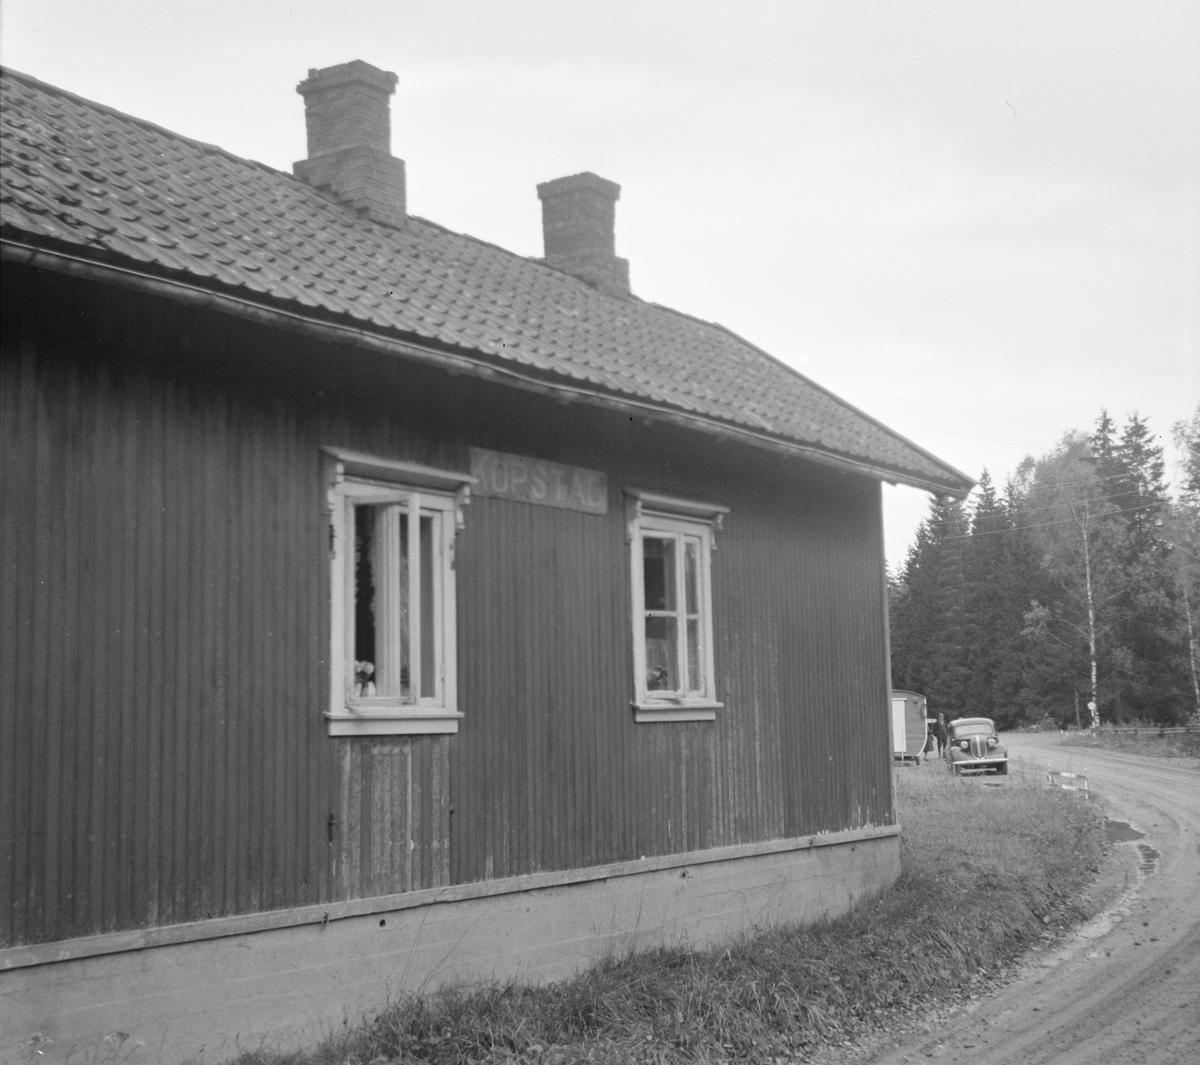 Kopstad stoppested på nedlagte Tønsberg-Eidsfossbanen.